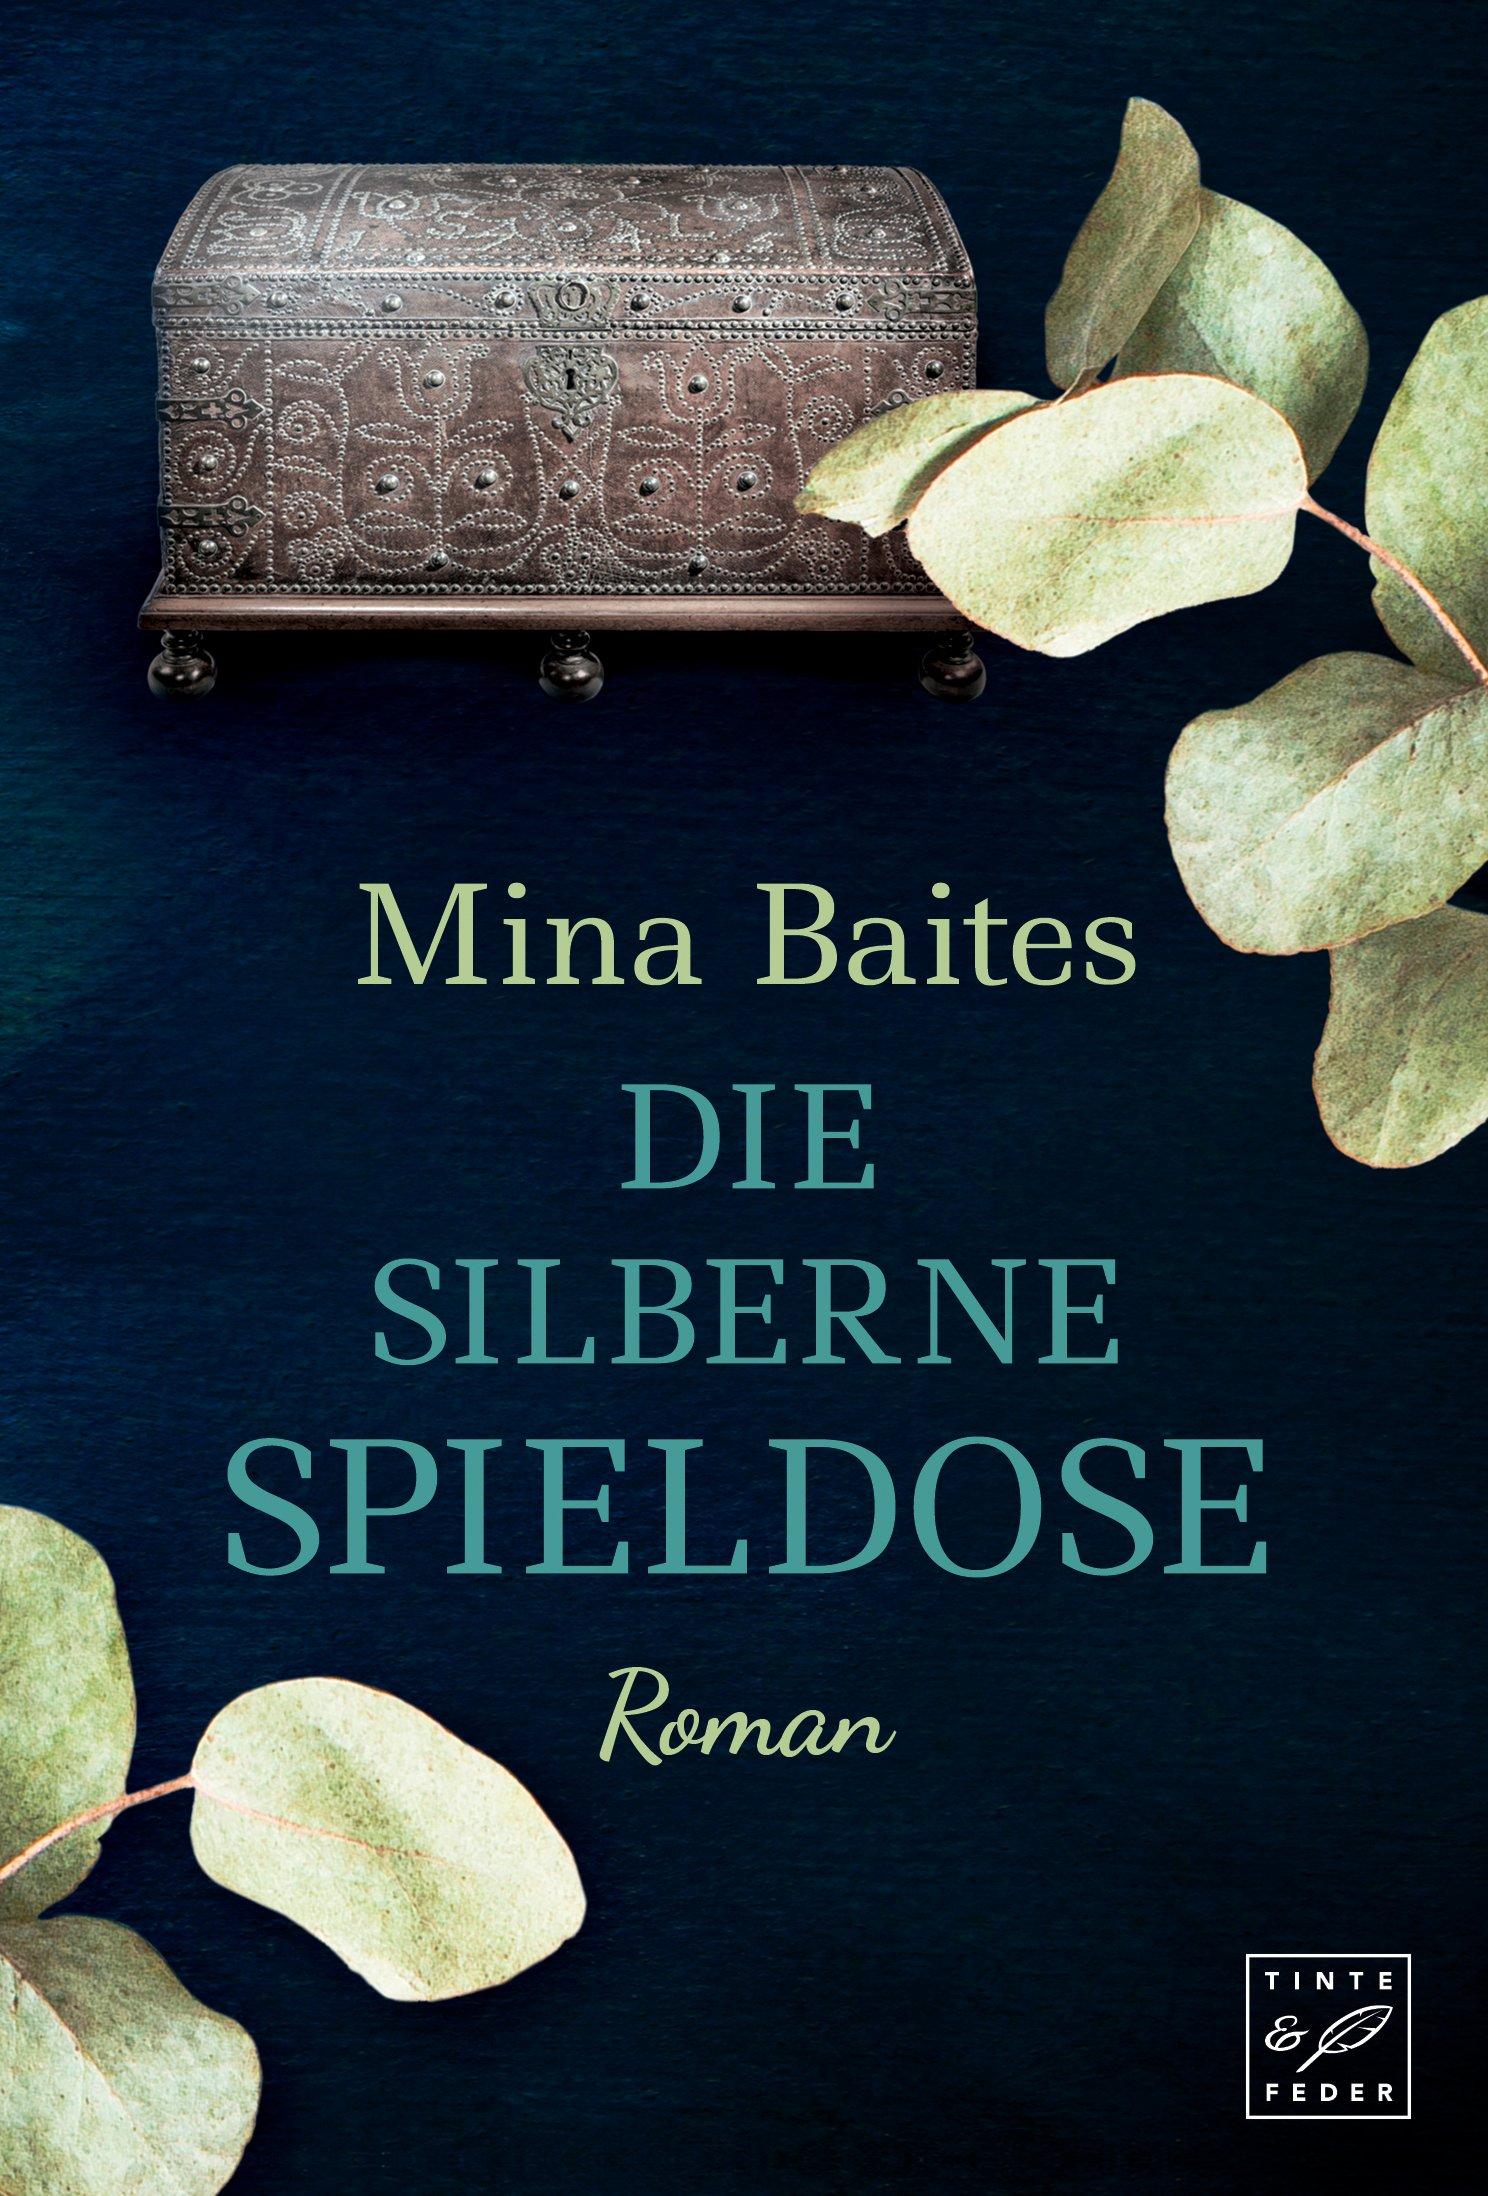 Die silberne Spieldose (German Edition)